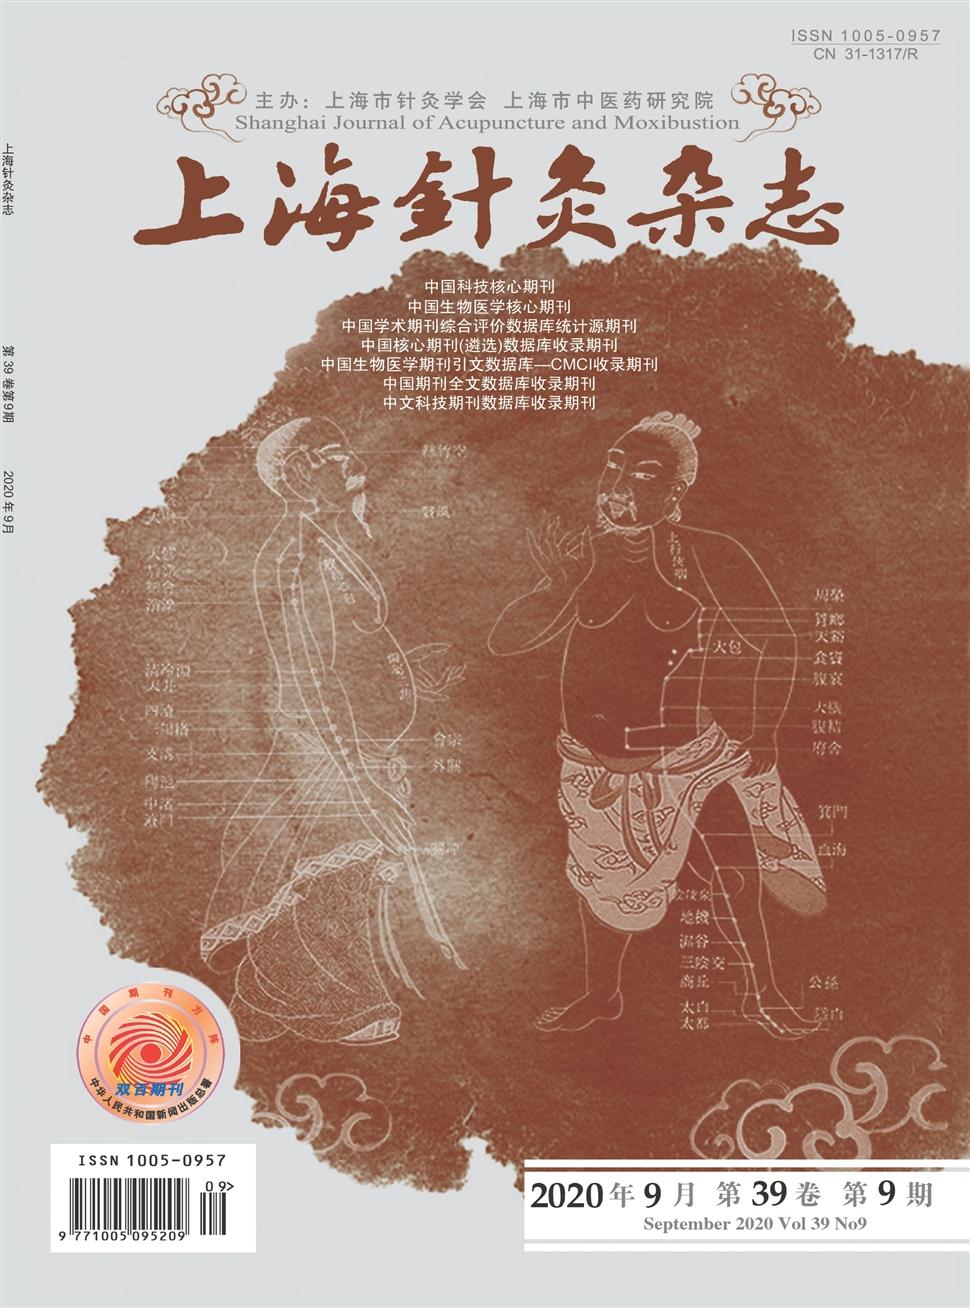 《上海针灸杂志》